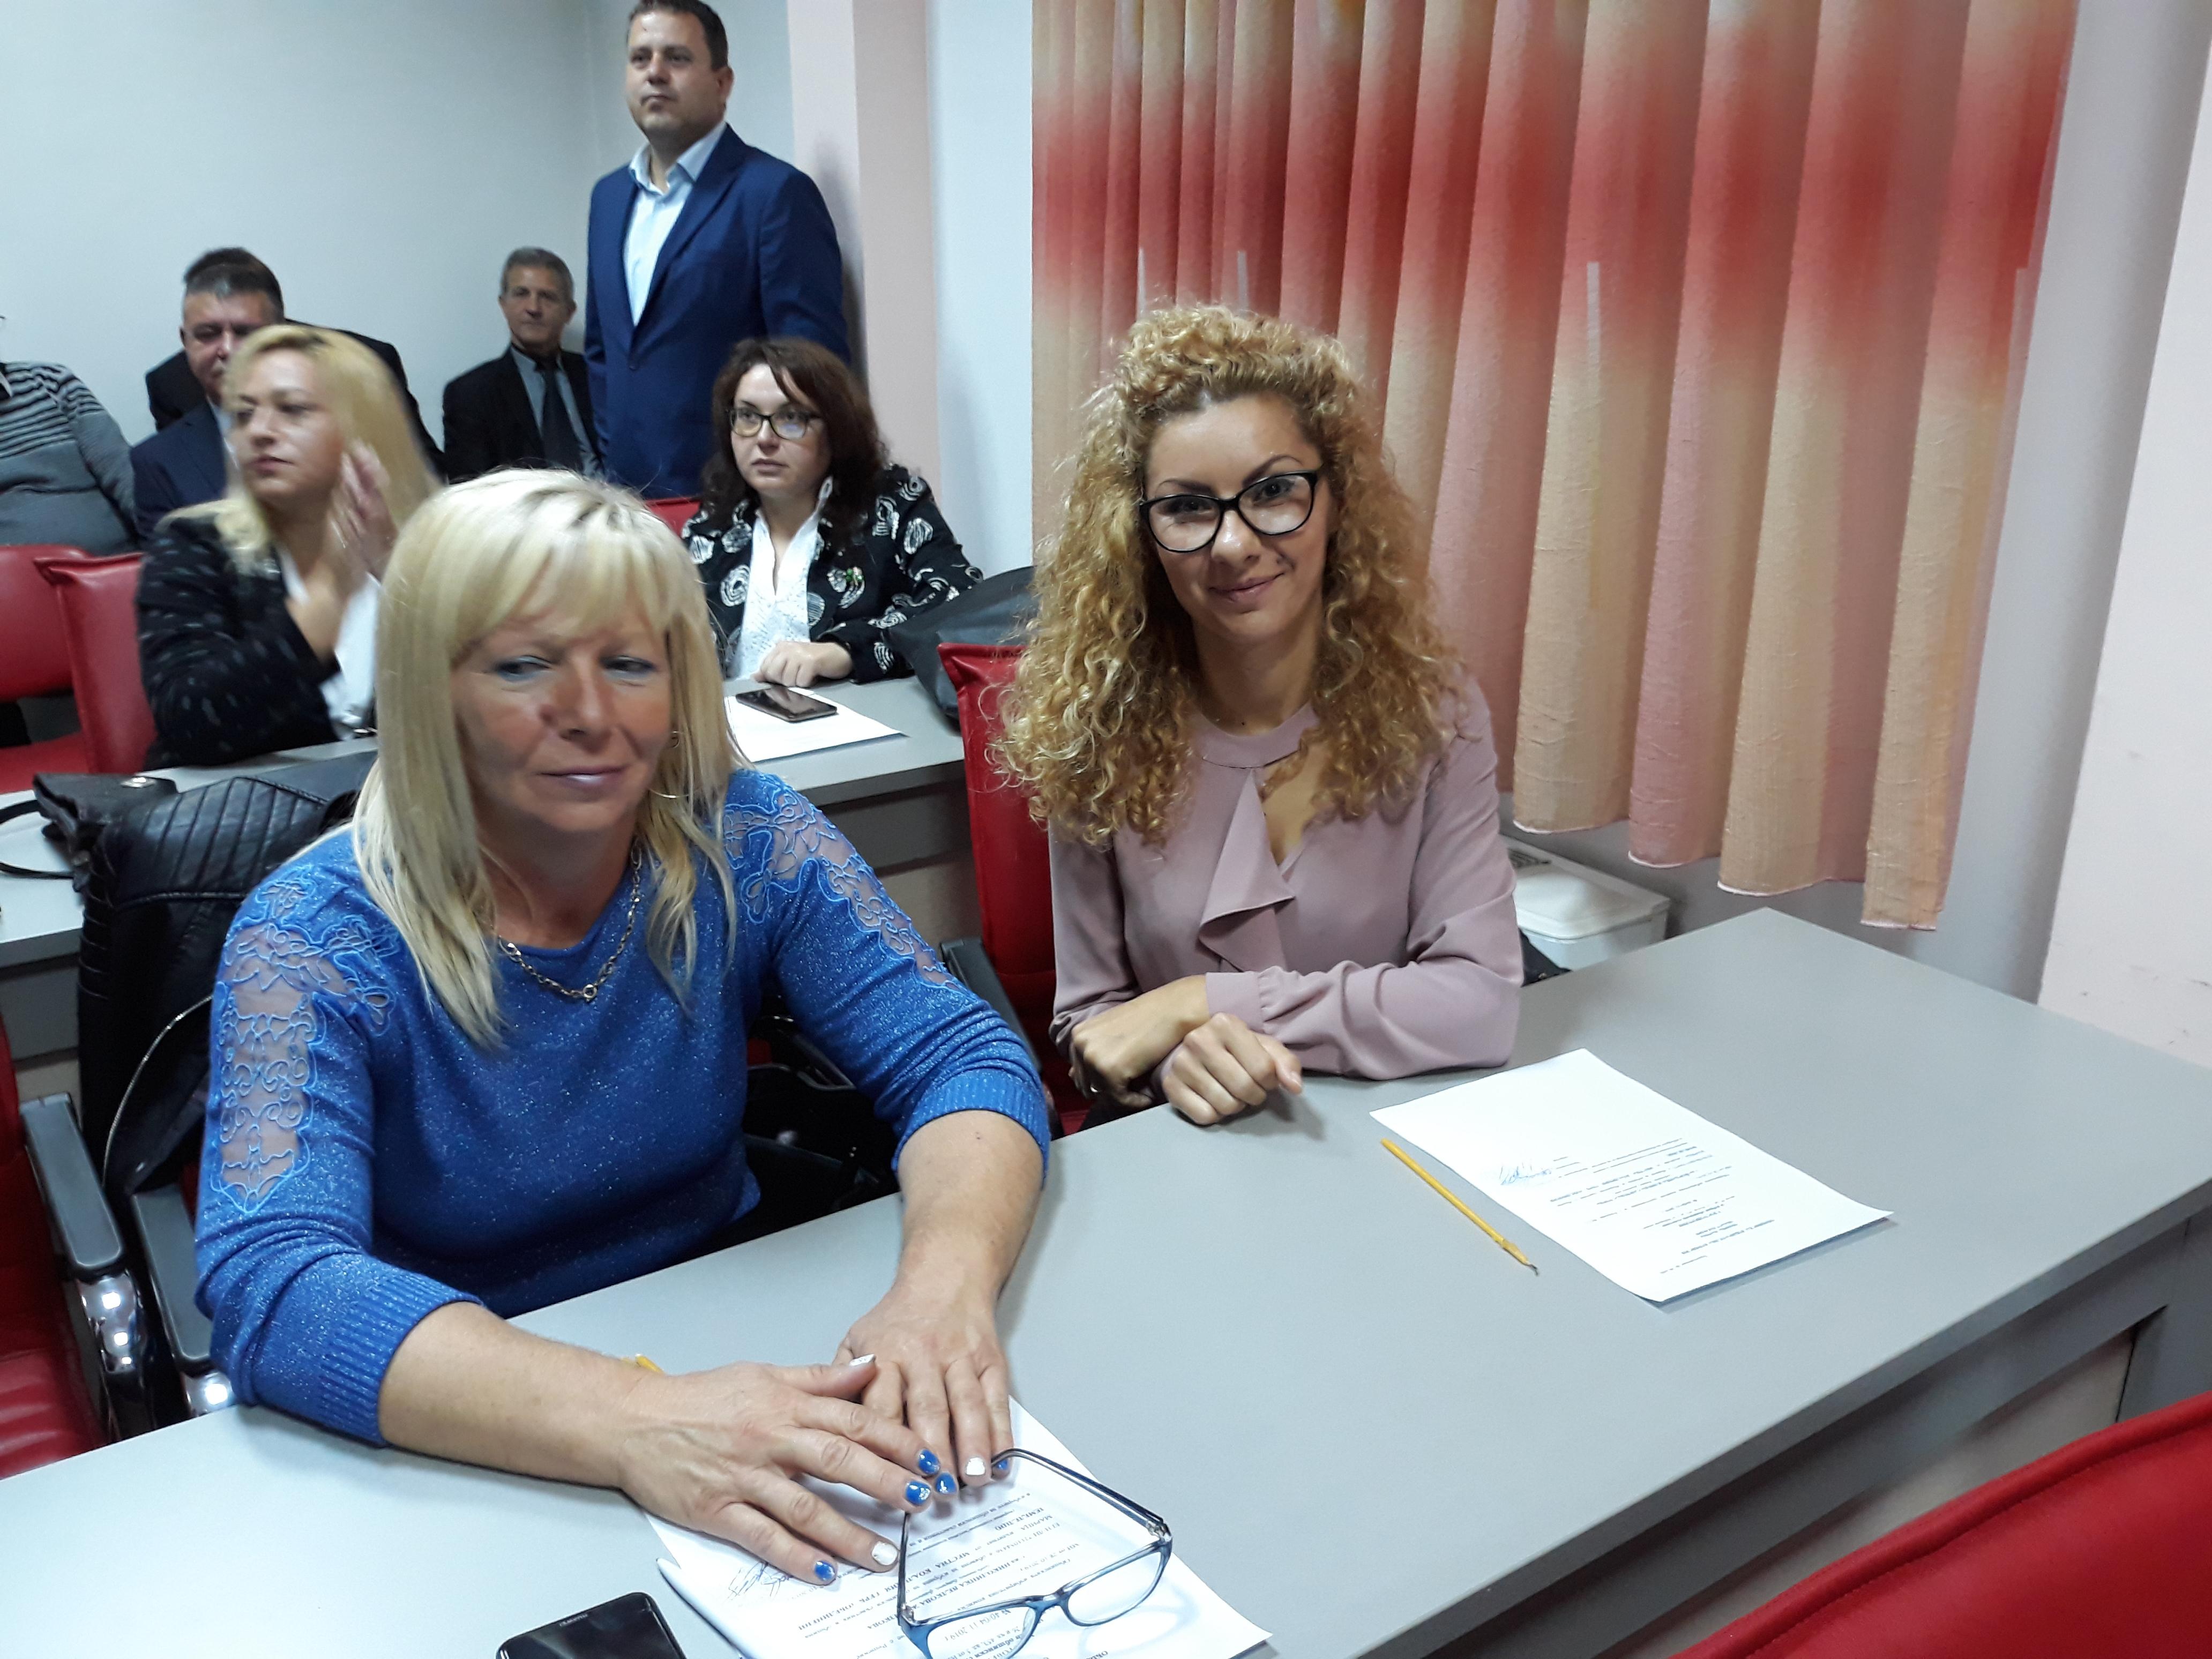 Йорданка Савчева от Костиево също положи клетва като общински съветник в Община Марица. Тя е сред най-младите в новия състав на местния парламент.